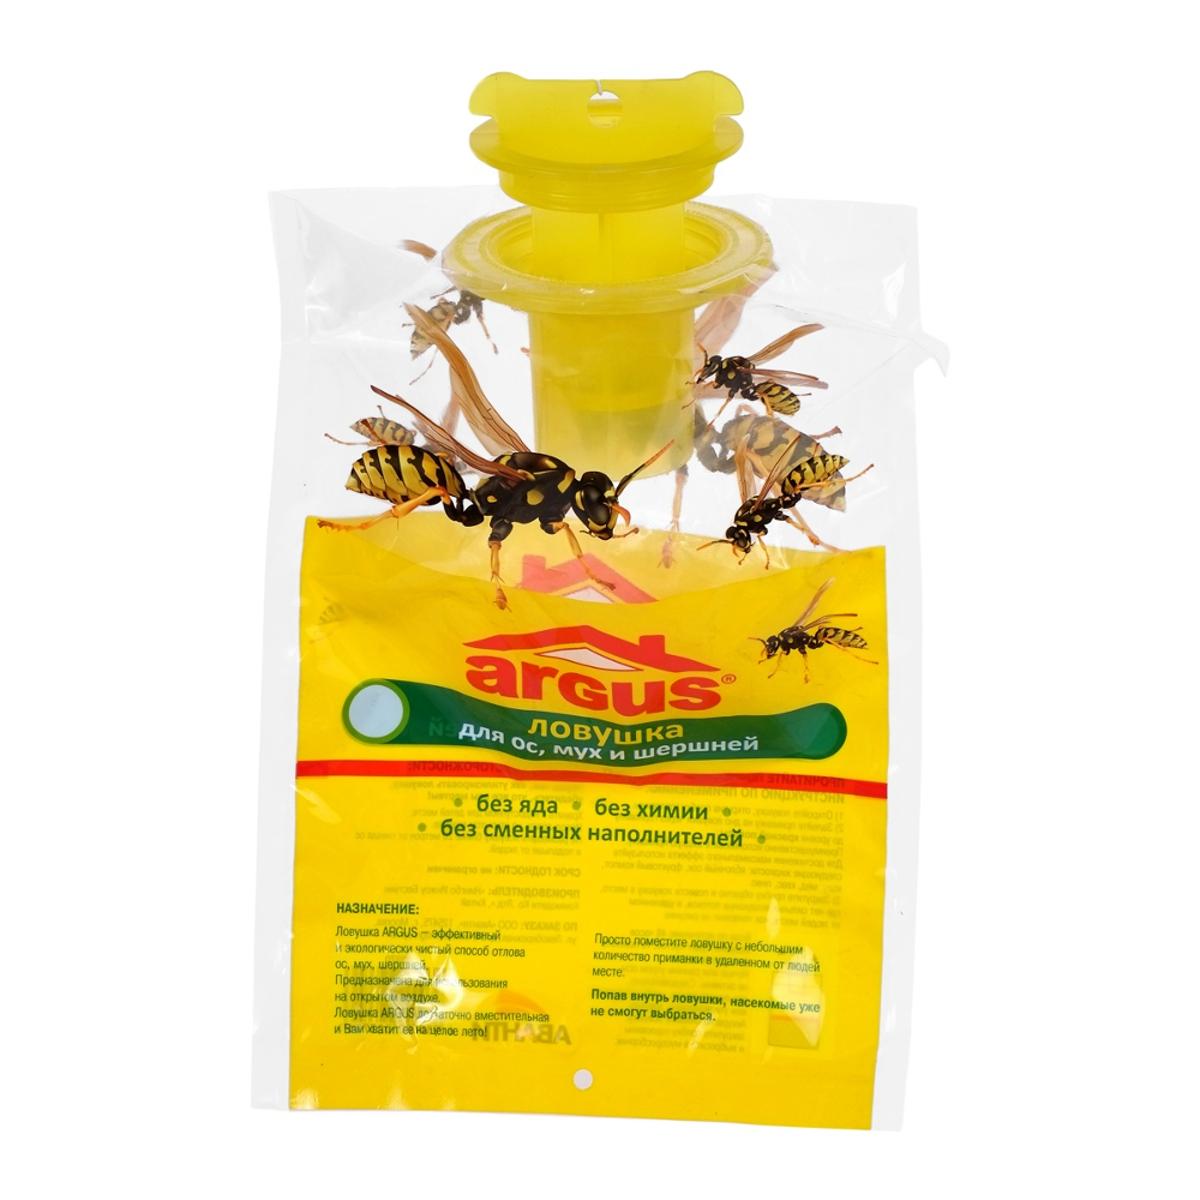 Ловушка для ос, мух и шершней Argus9103500790Ловушка Argus - это эффективный и экологически чистый способ отлова ос, мух. Выполнена из высококачественного пластика. Не содержит яда и химии. Изделие предназначено для использования на открытом воздухе. Просто поместите ловушку с небольшим количеством приманки в удаленном от людей месте. Попав внутрь ловушки, насекомые уже не смогут выбраться. Изделие достаточно вместительно и вам хватит ее на целое лето!